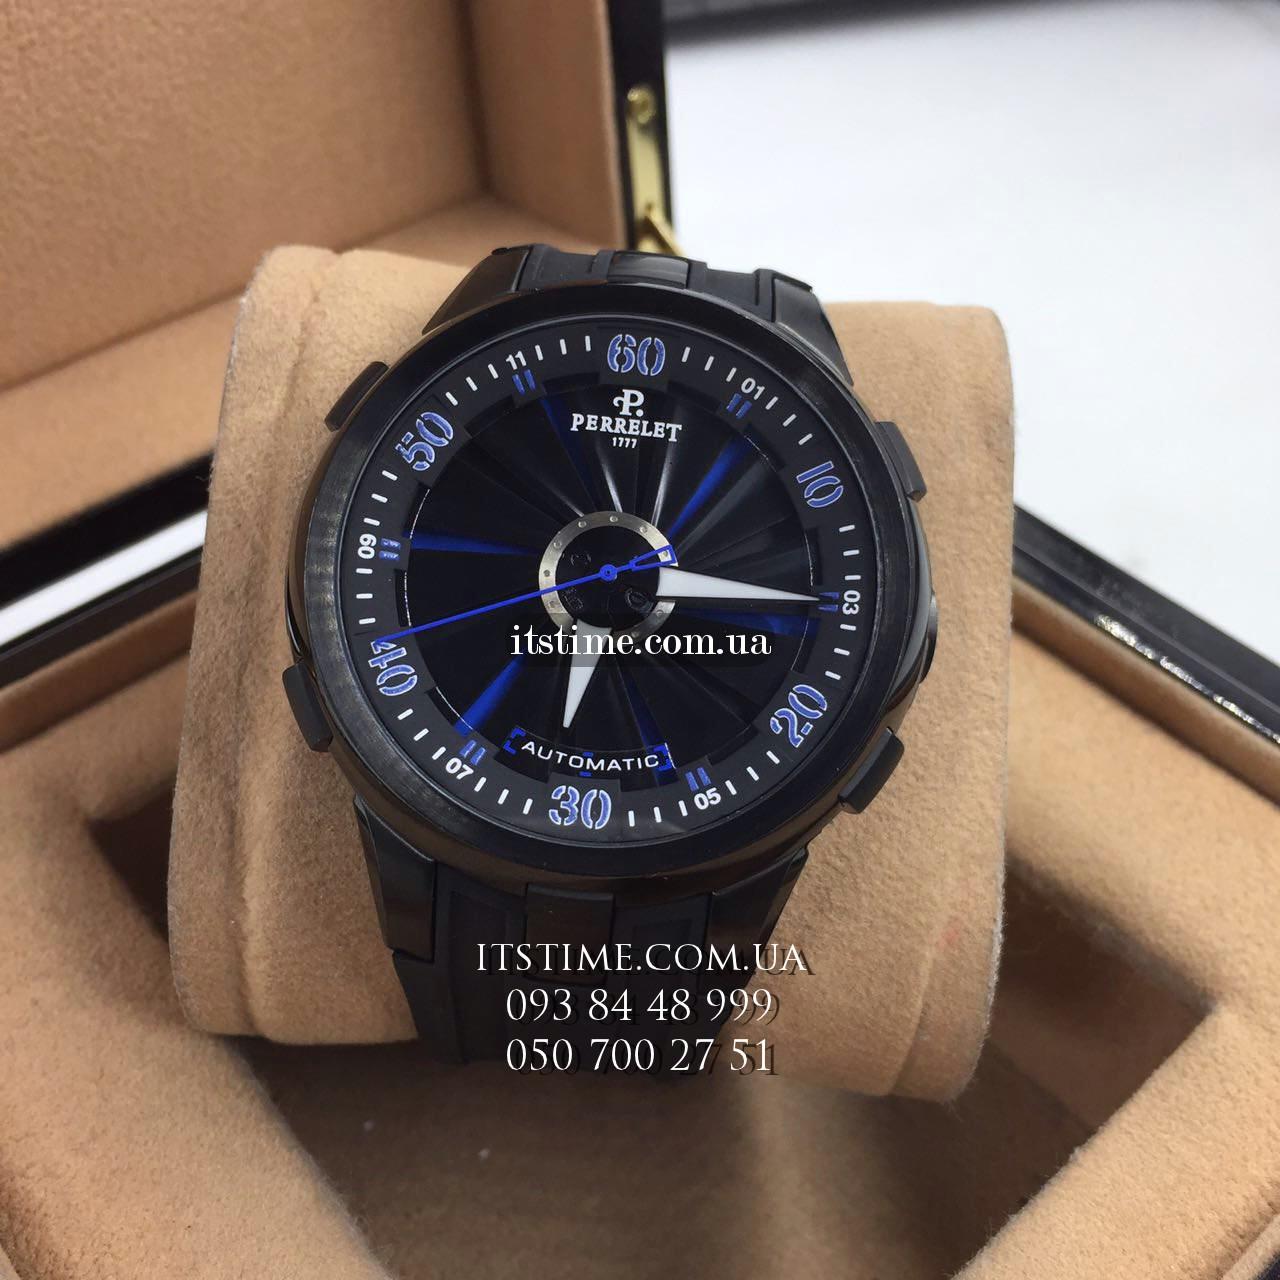 Мужские часы реплика приобрести в веб магазине украина 2019